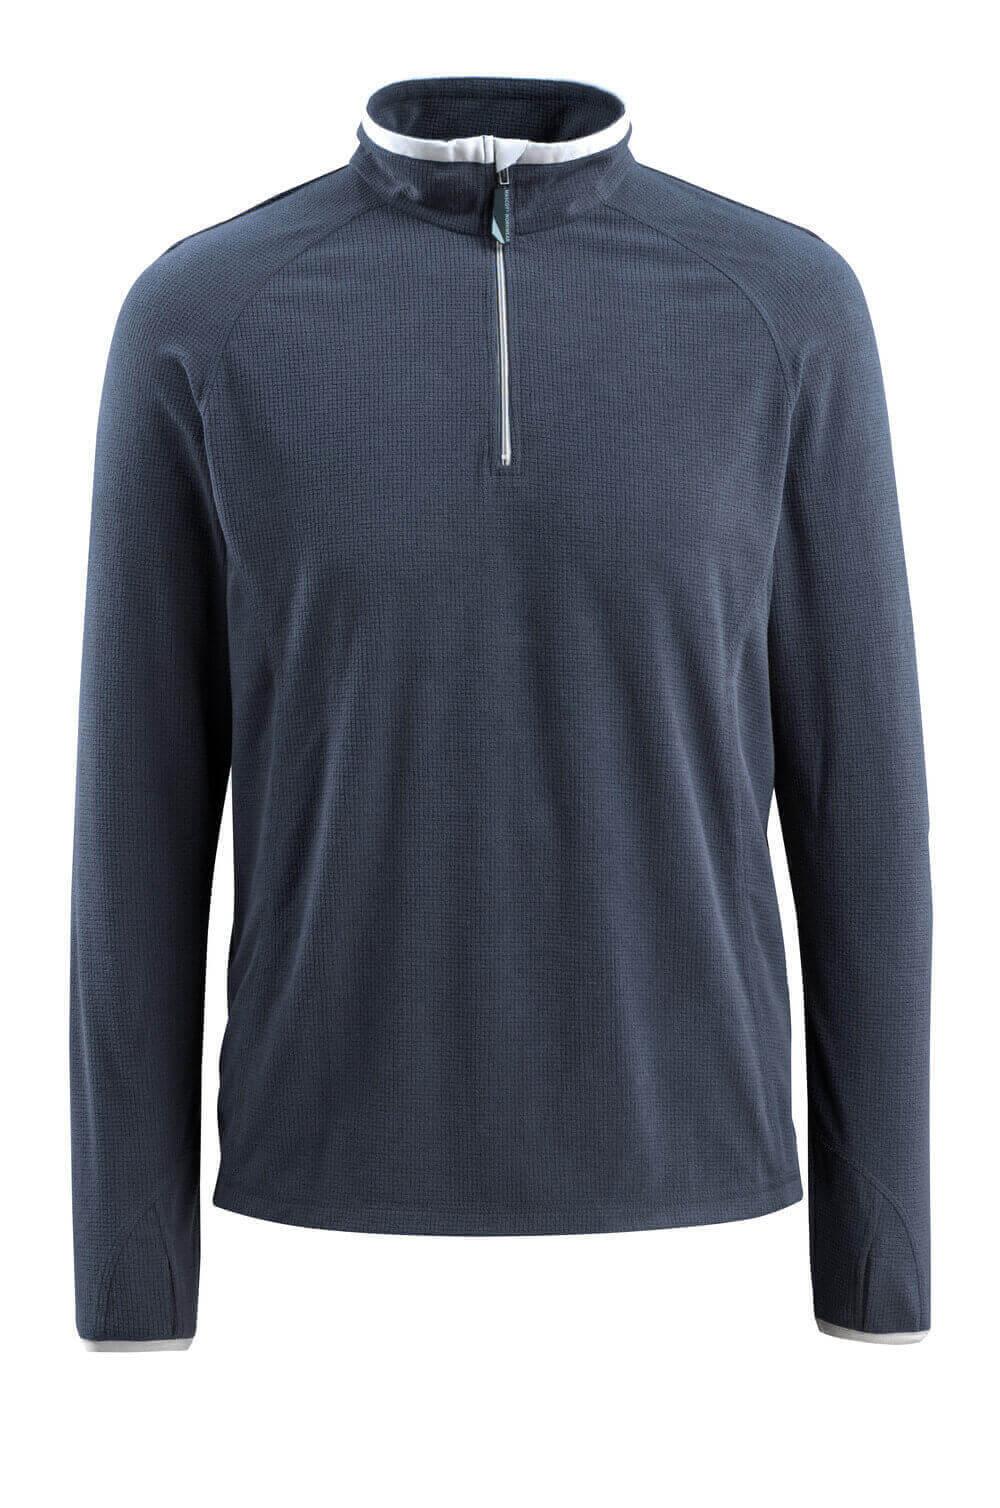 50148-239-010 Bluza polarowa z krótkim zamkiem błyskawicznym - ciemny granat